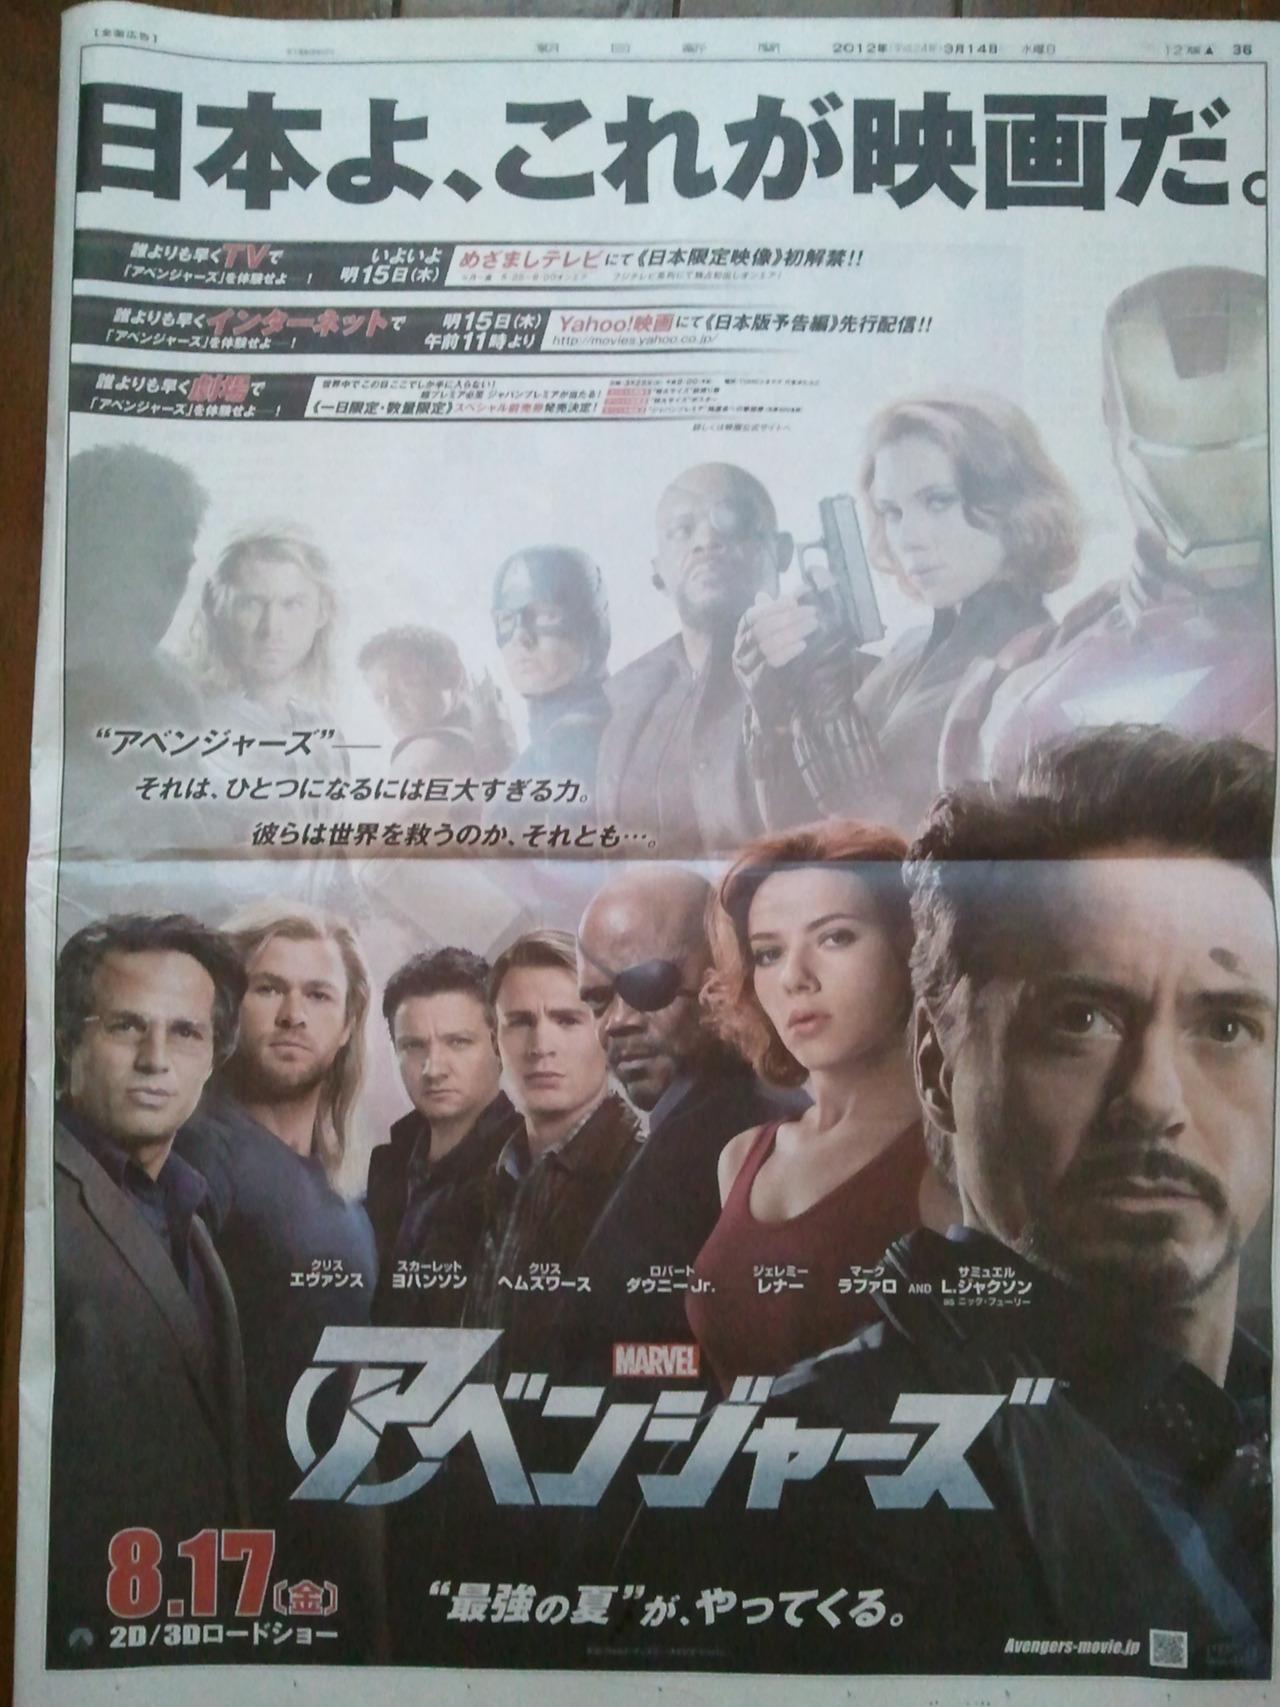 chicksdigthat :     今朝の日本の朝日新聞の広告v   TV広告とネット広告と前売り券の予告。前売り券買いに行かなくちゃ!!   (トニーのデコについているのは、アザではなく、朝食のドレッシングです。すいません。。)